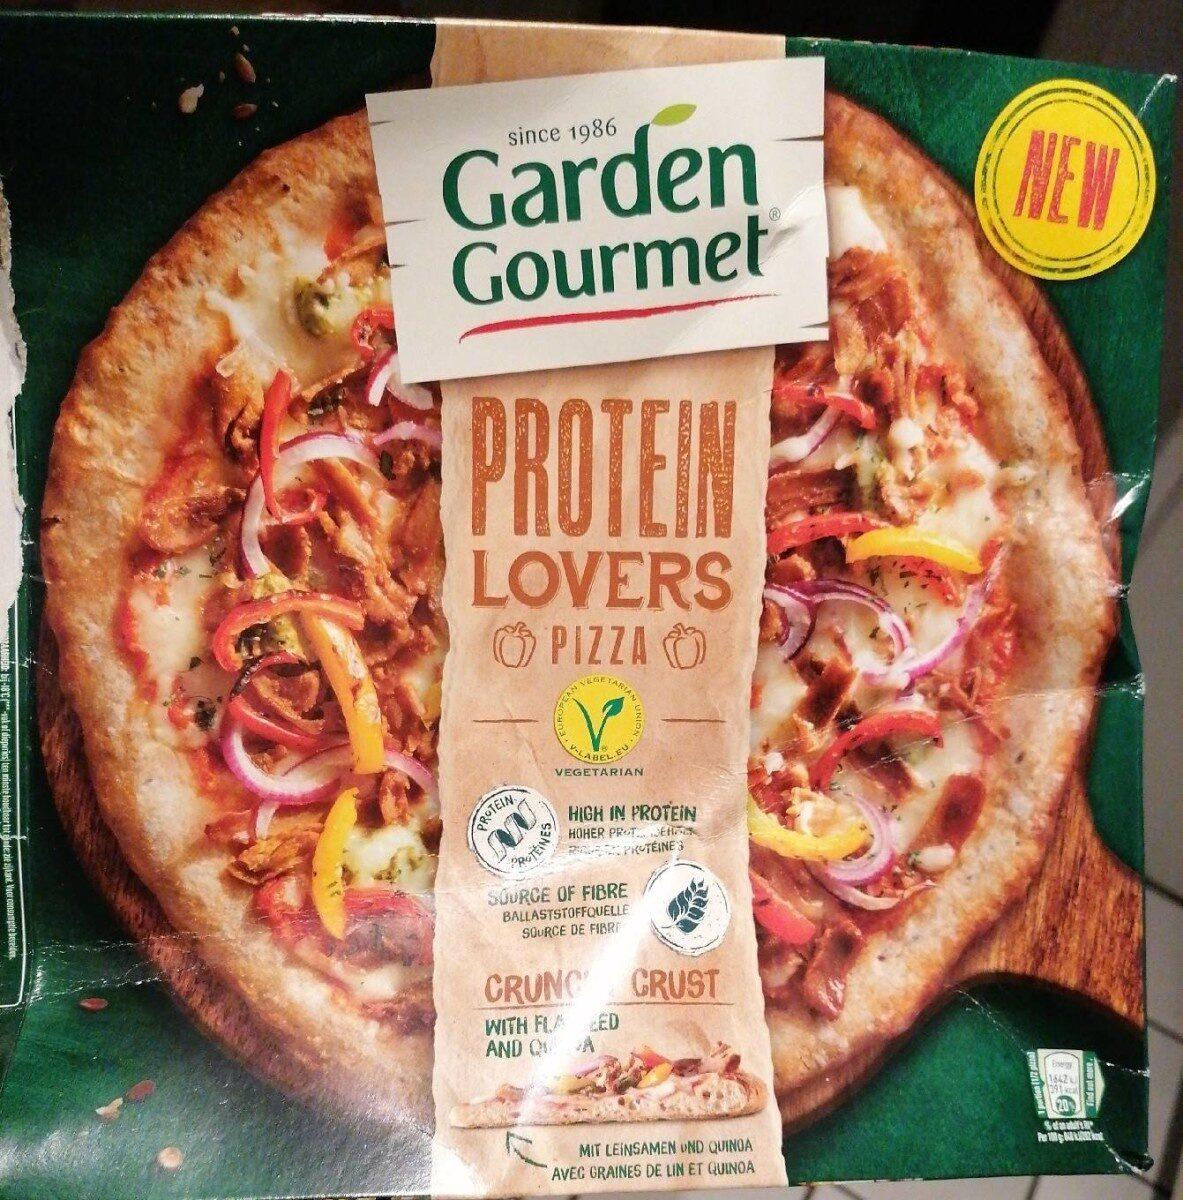 Protein Lovers Pizza - Produit - de